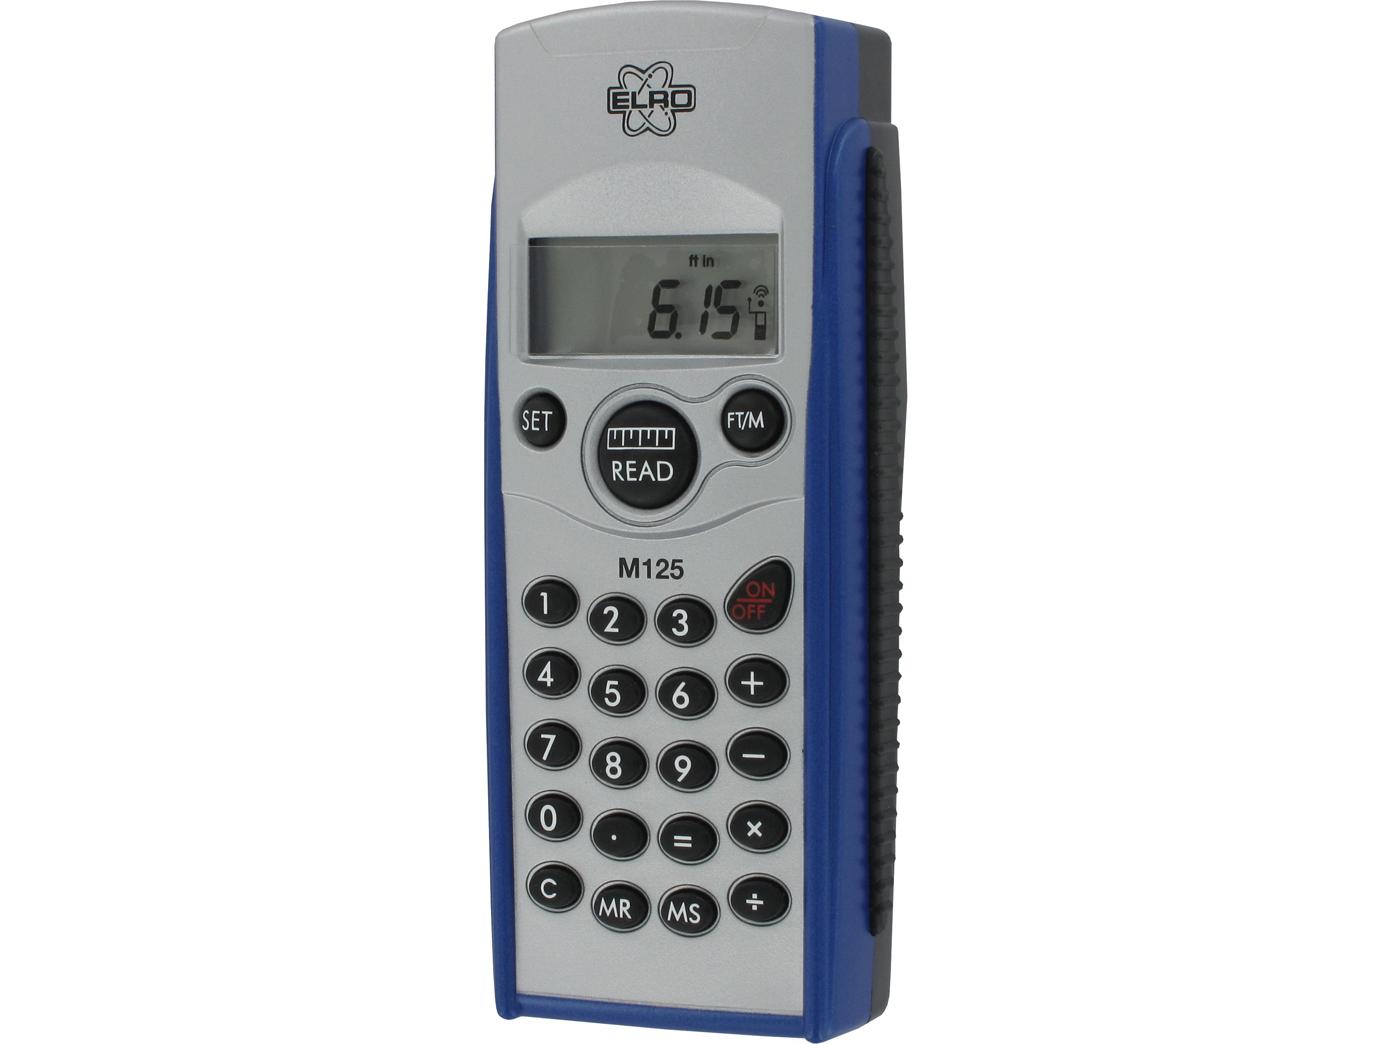 Makita Entfernungsmesser Ld050p Test : Laser entfernungsmesser bis m taschenrechner interner speicher